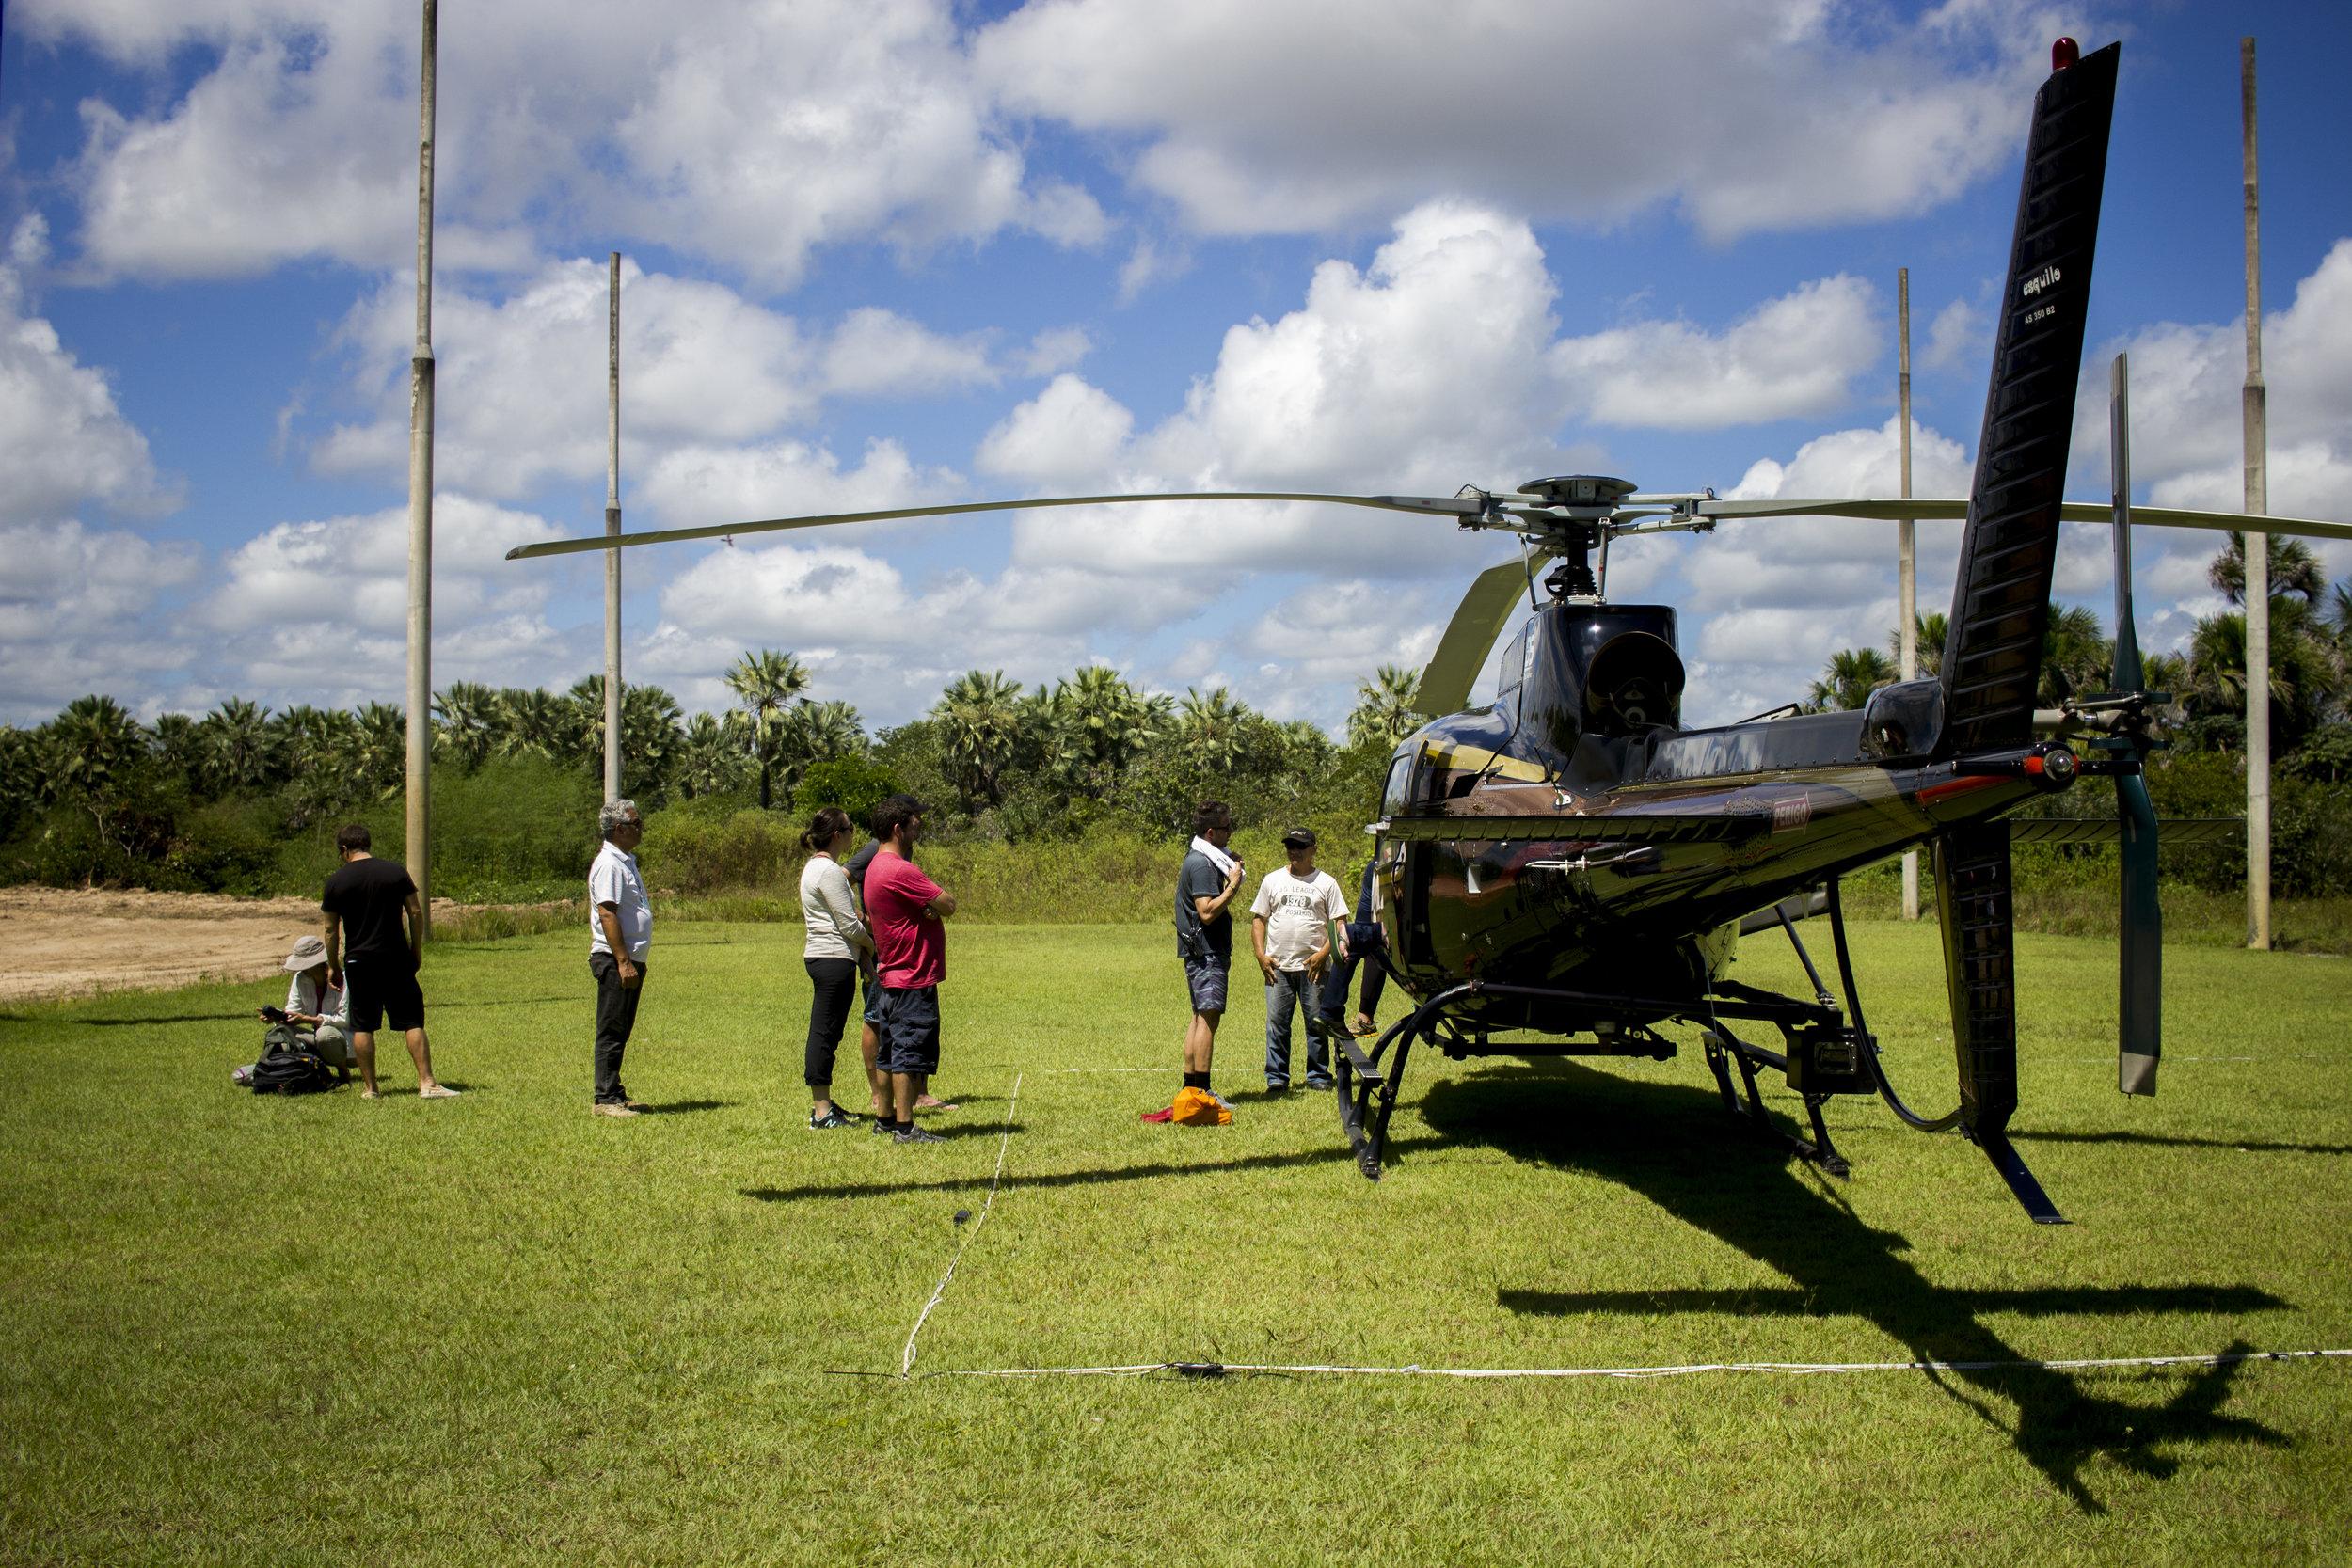 Helicóptero chegando do Rio de Janeiro para filmar no Maranhão.